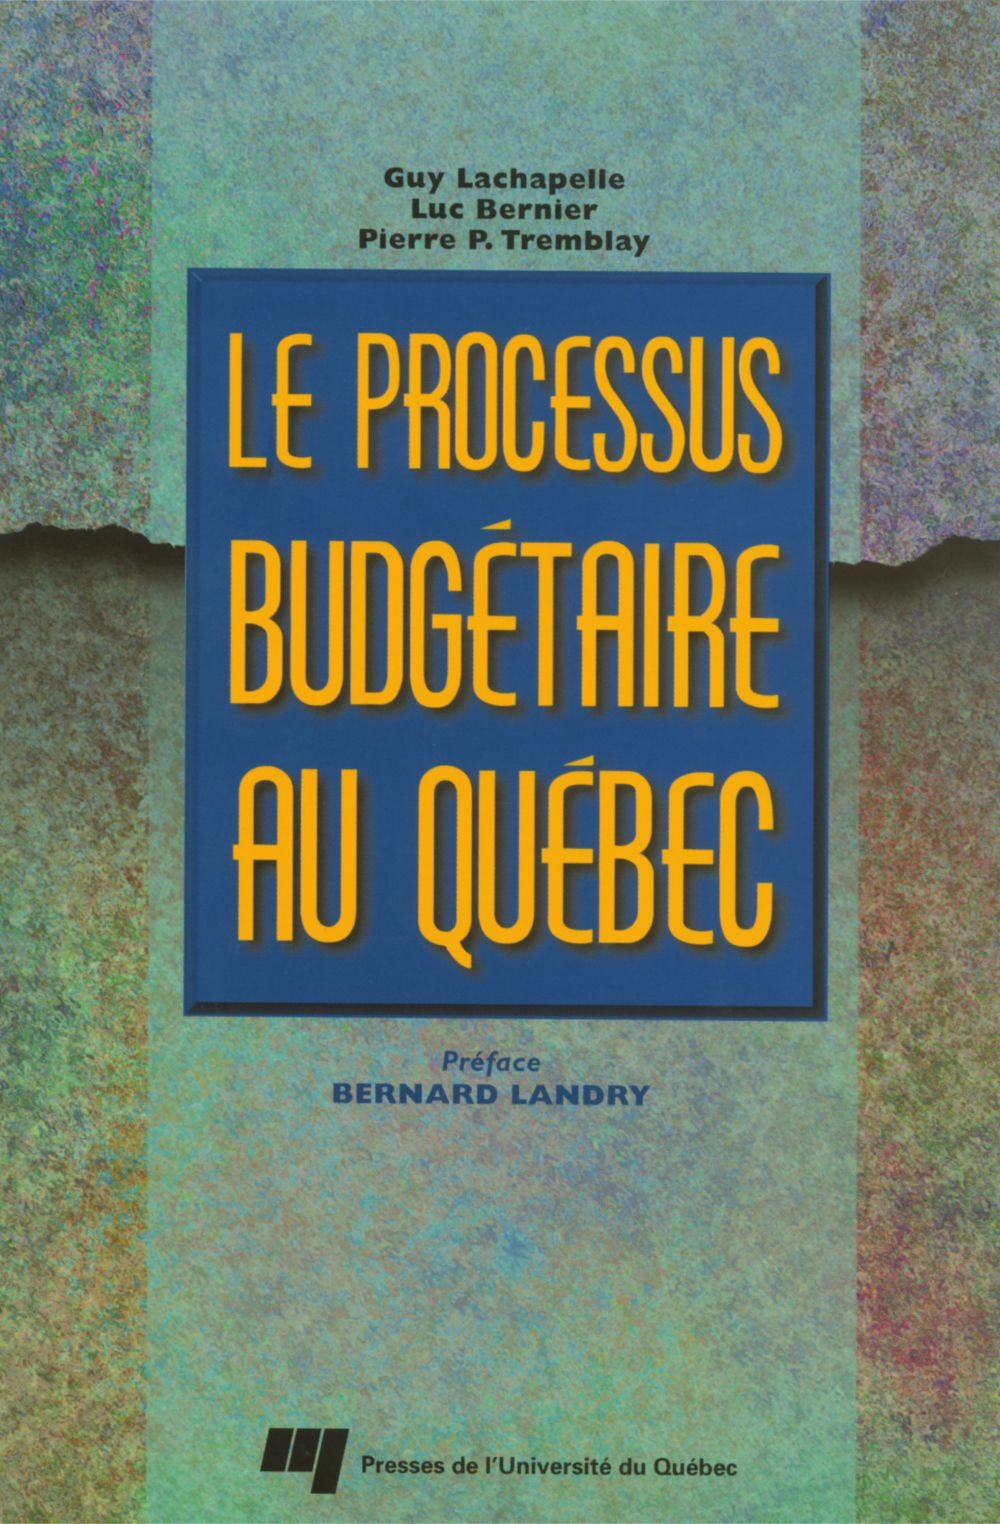 Le processus budgétaire au Québec